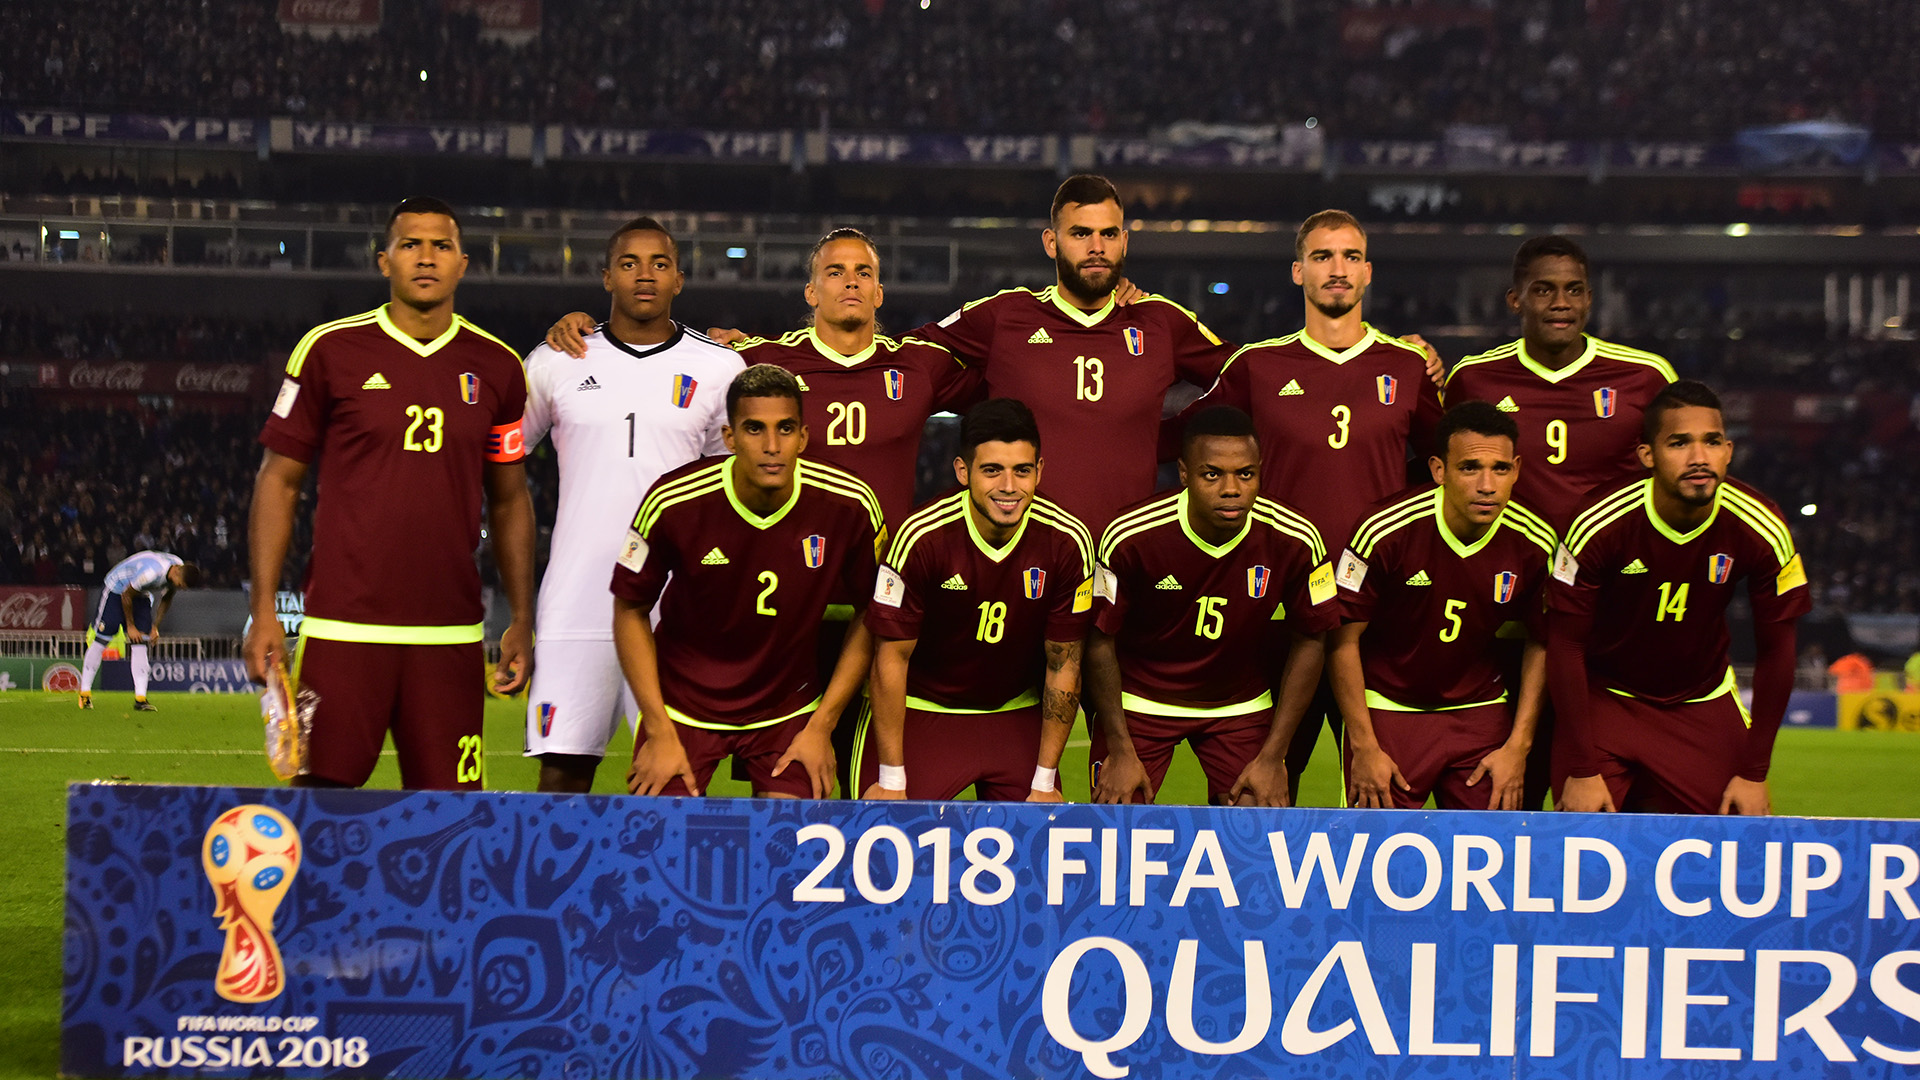 El equipo de Venezuela se hizo fuerte en el Monumental y logró un punto histórico